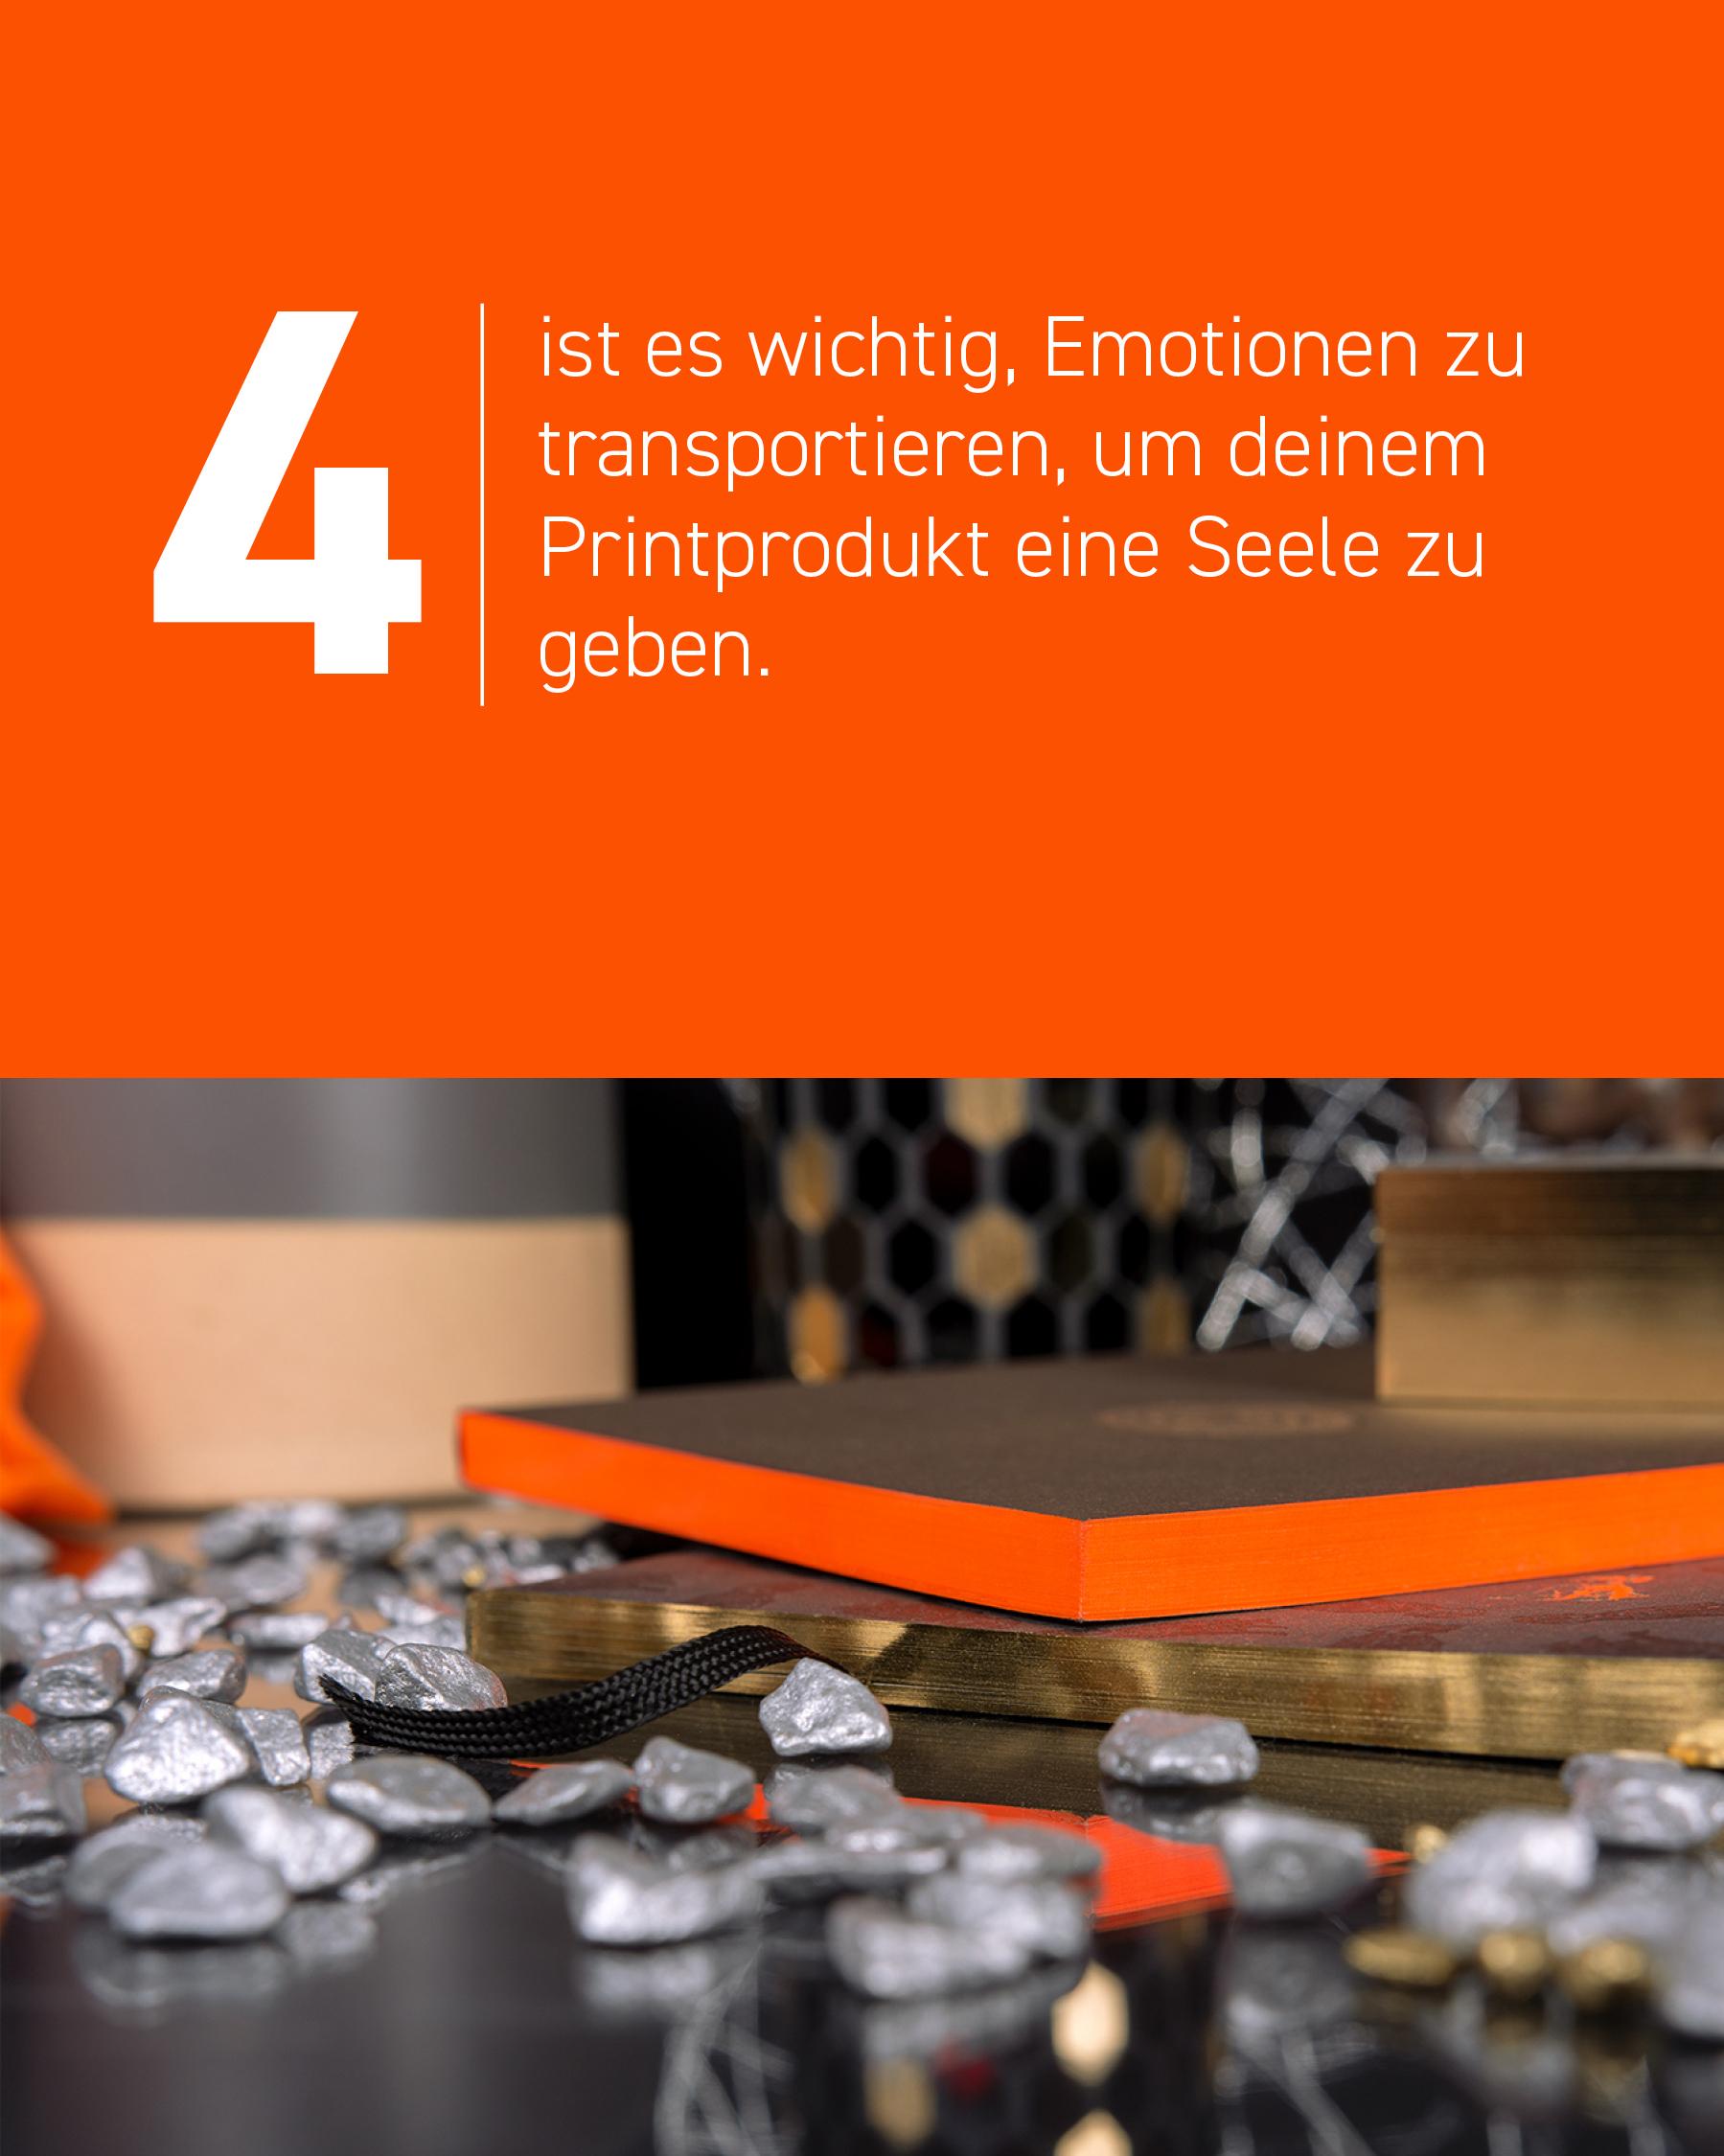 Viertens ist es wichtig, Emotionen zu transportieren, um deinem Printprodukt eine Seele zu geben.